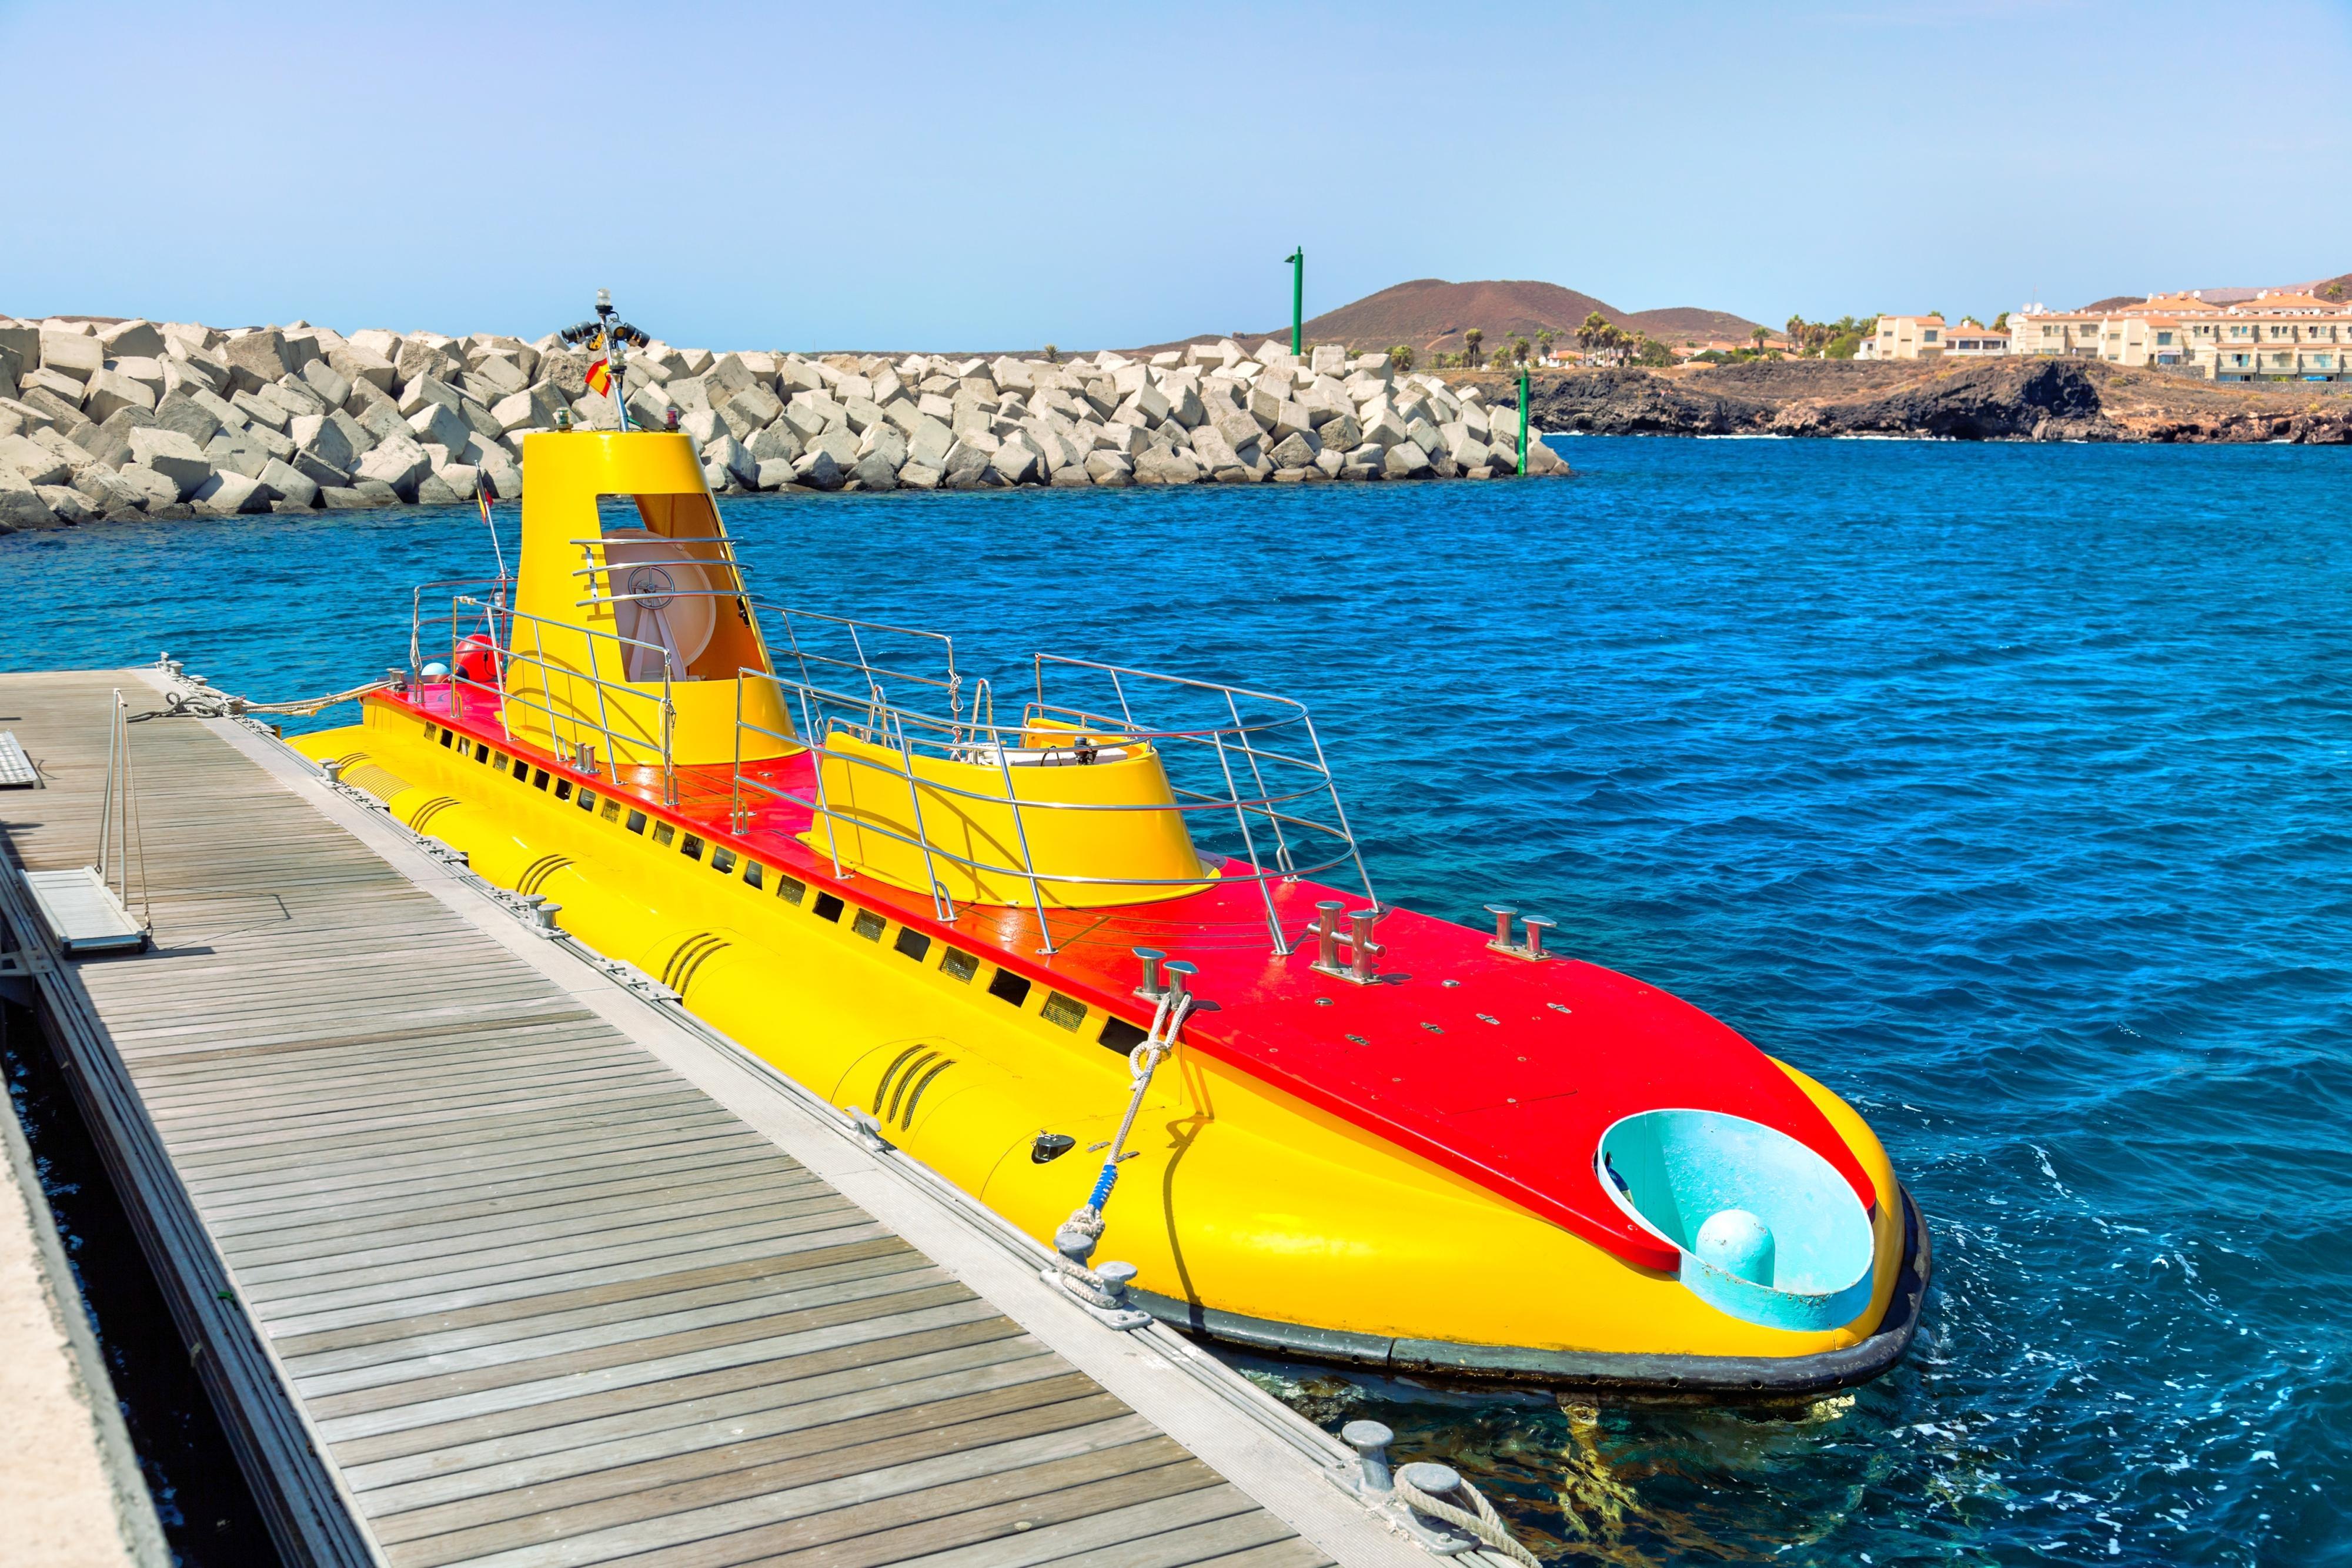 The Boracay Submarine